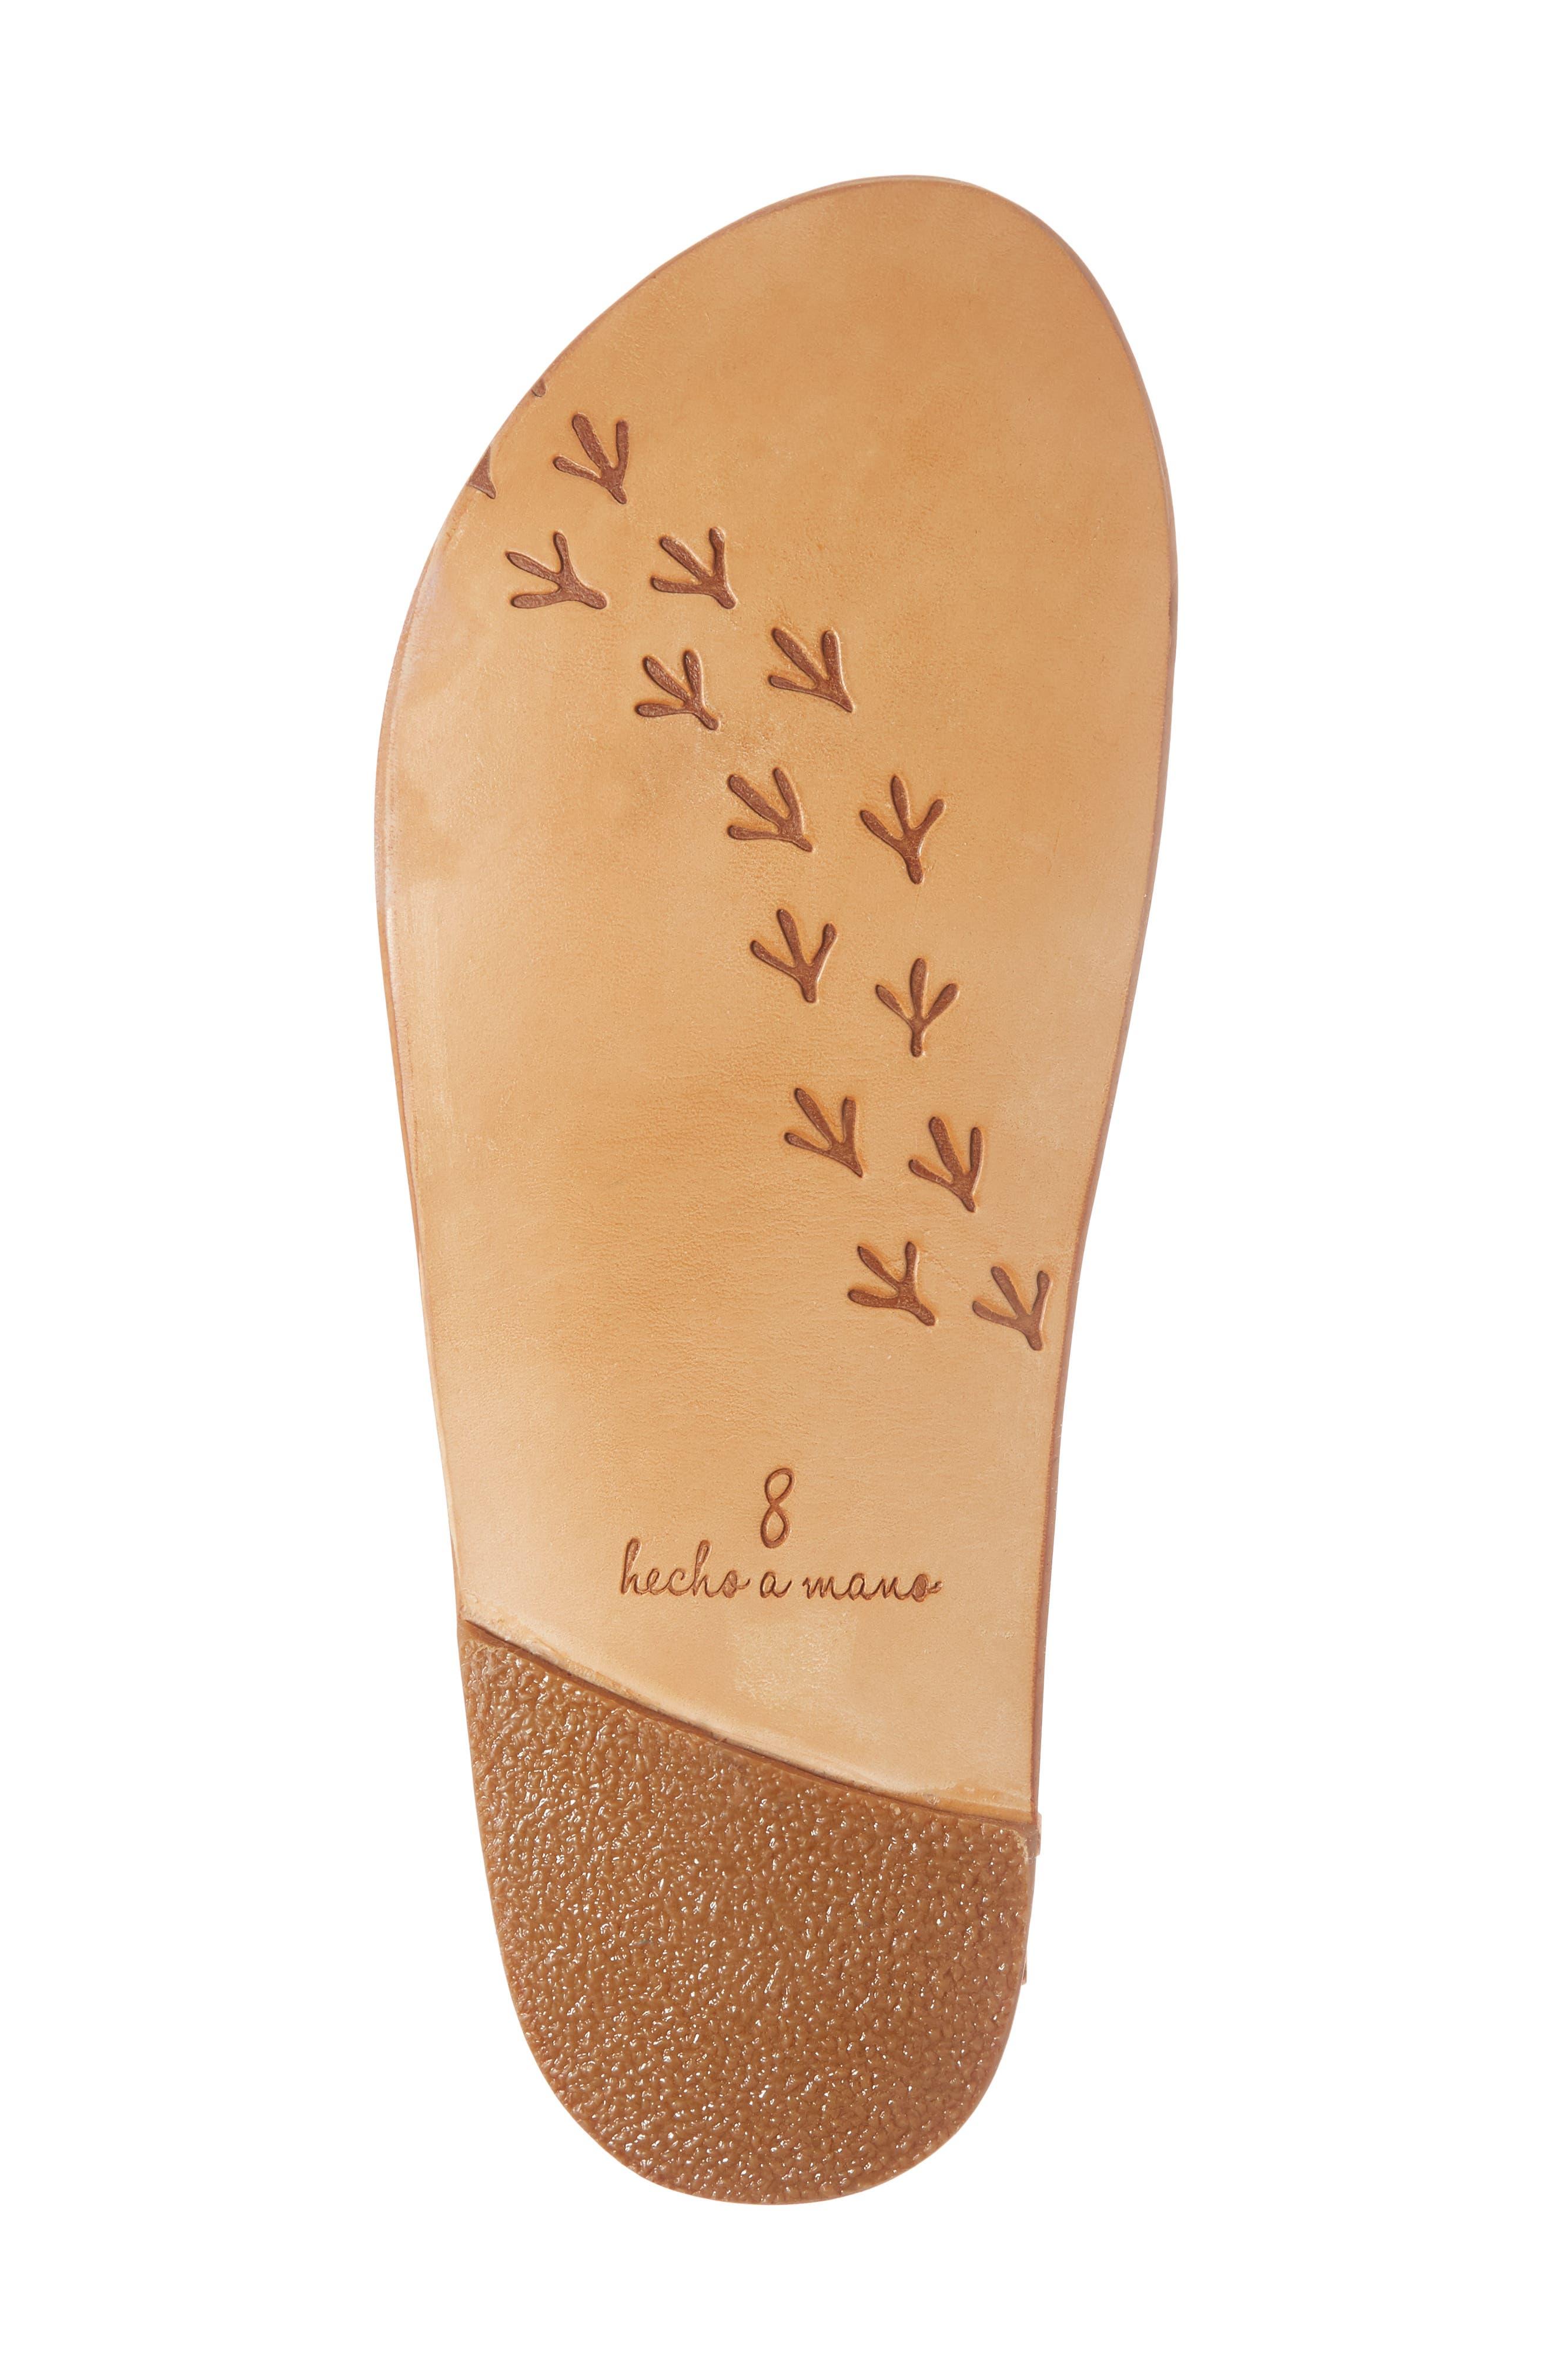 Lovebird Embroidered Slide Sandal,                             Alternate thumbnail 6, color,                             Multi/ Tan